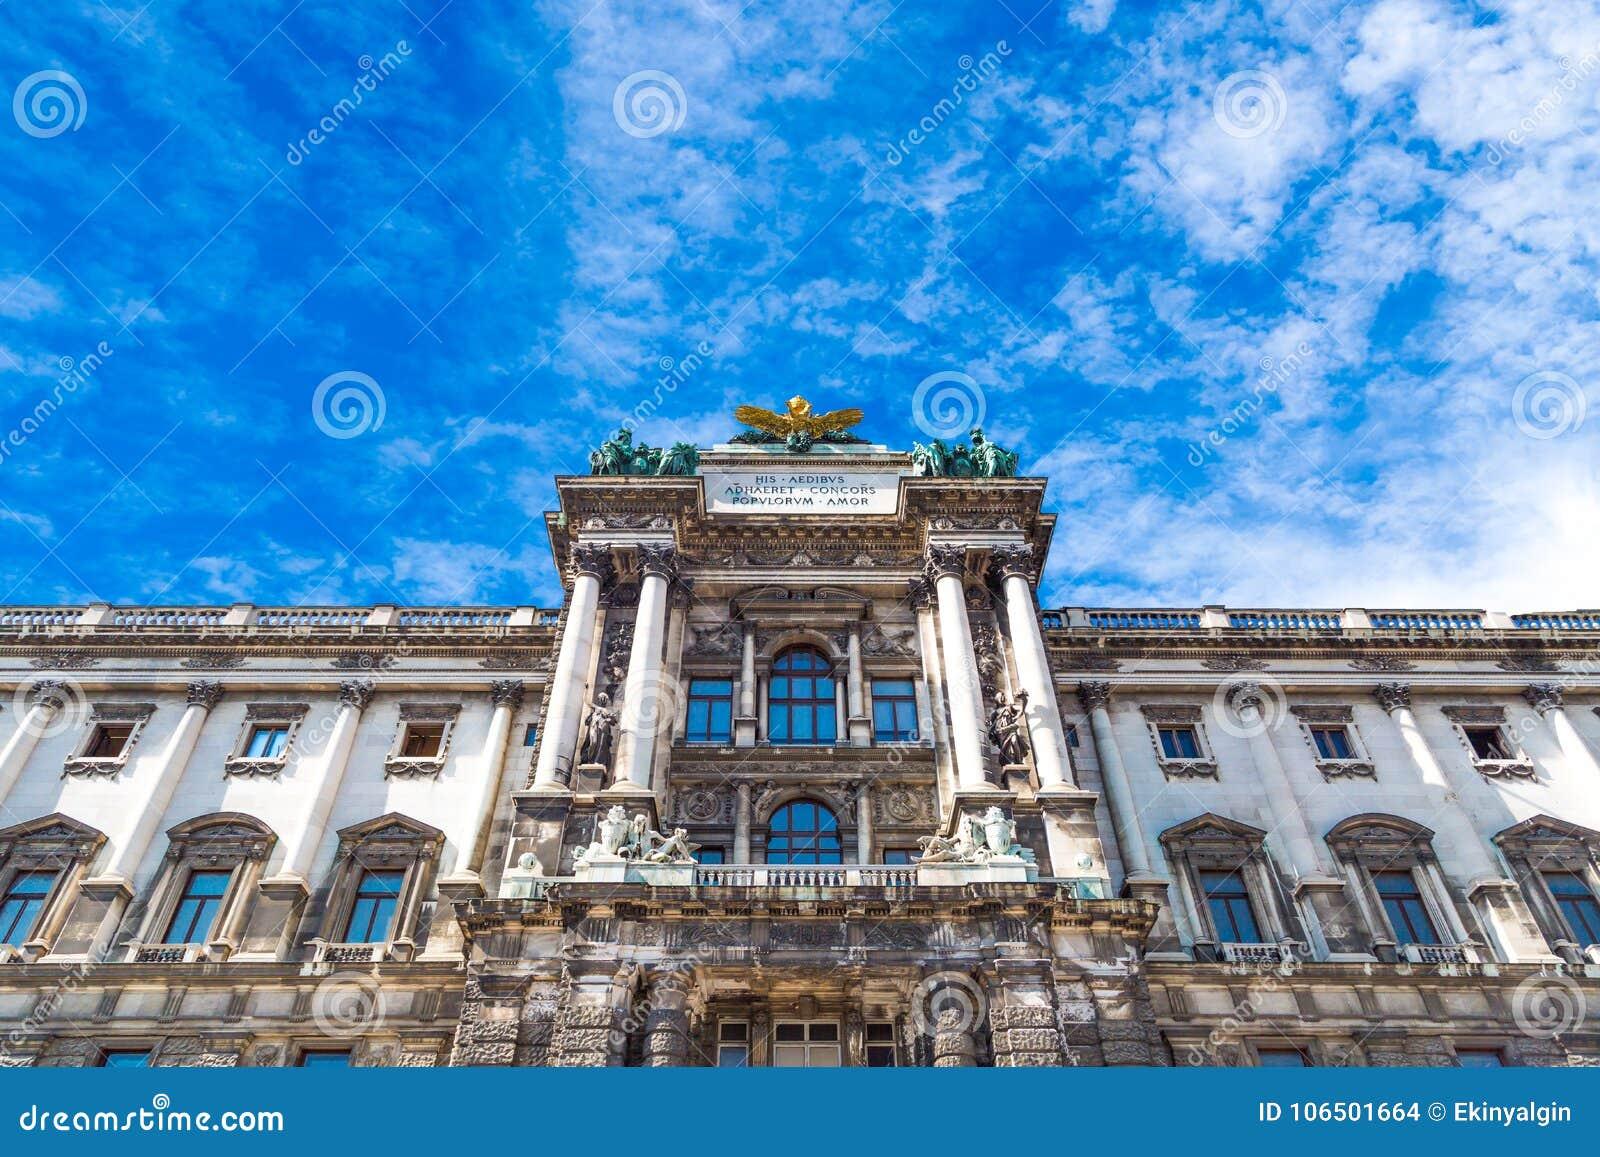 Neue Burg Museum in Vienna